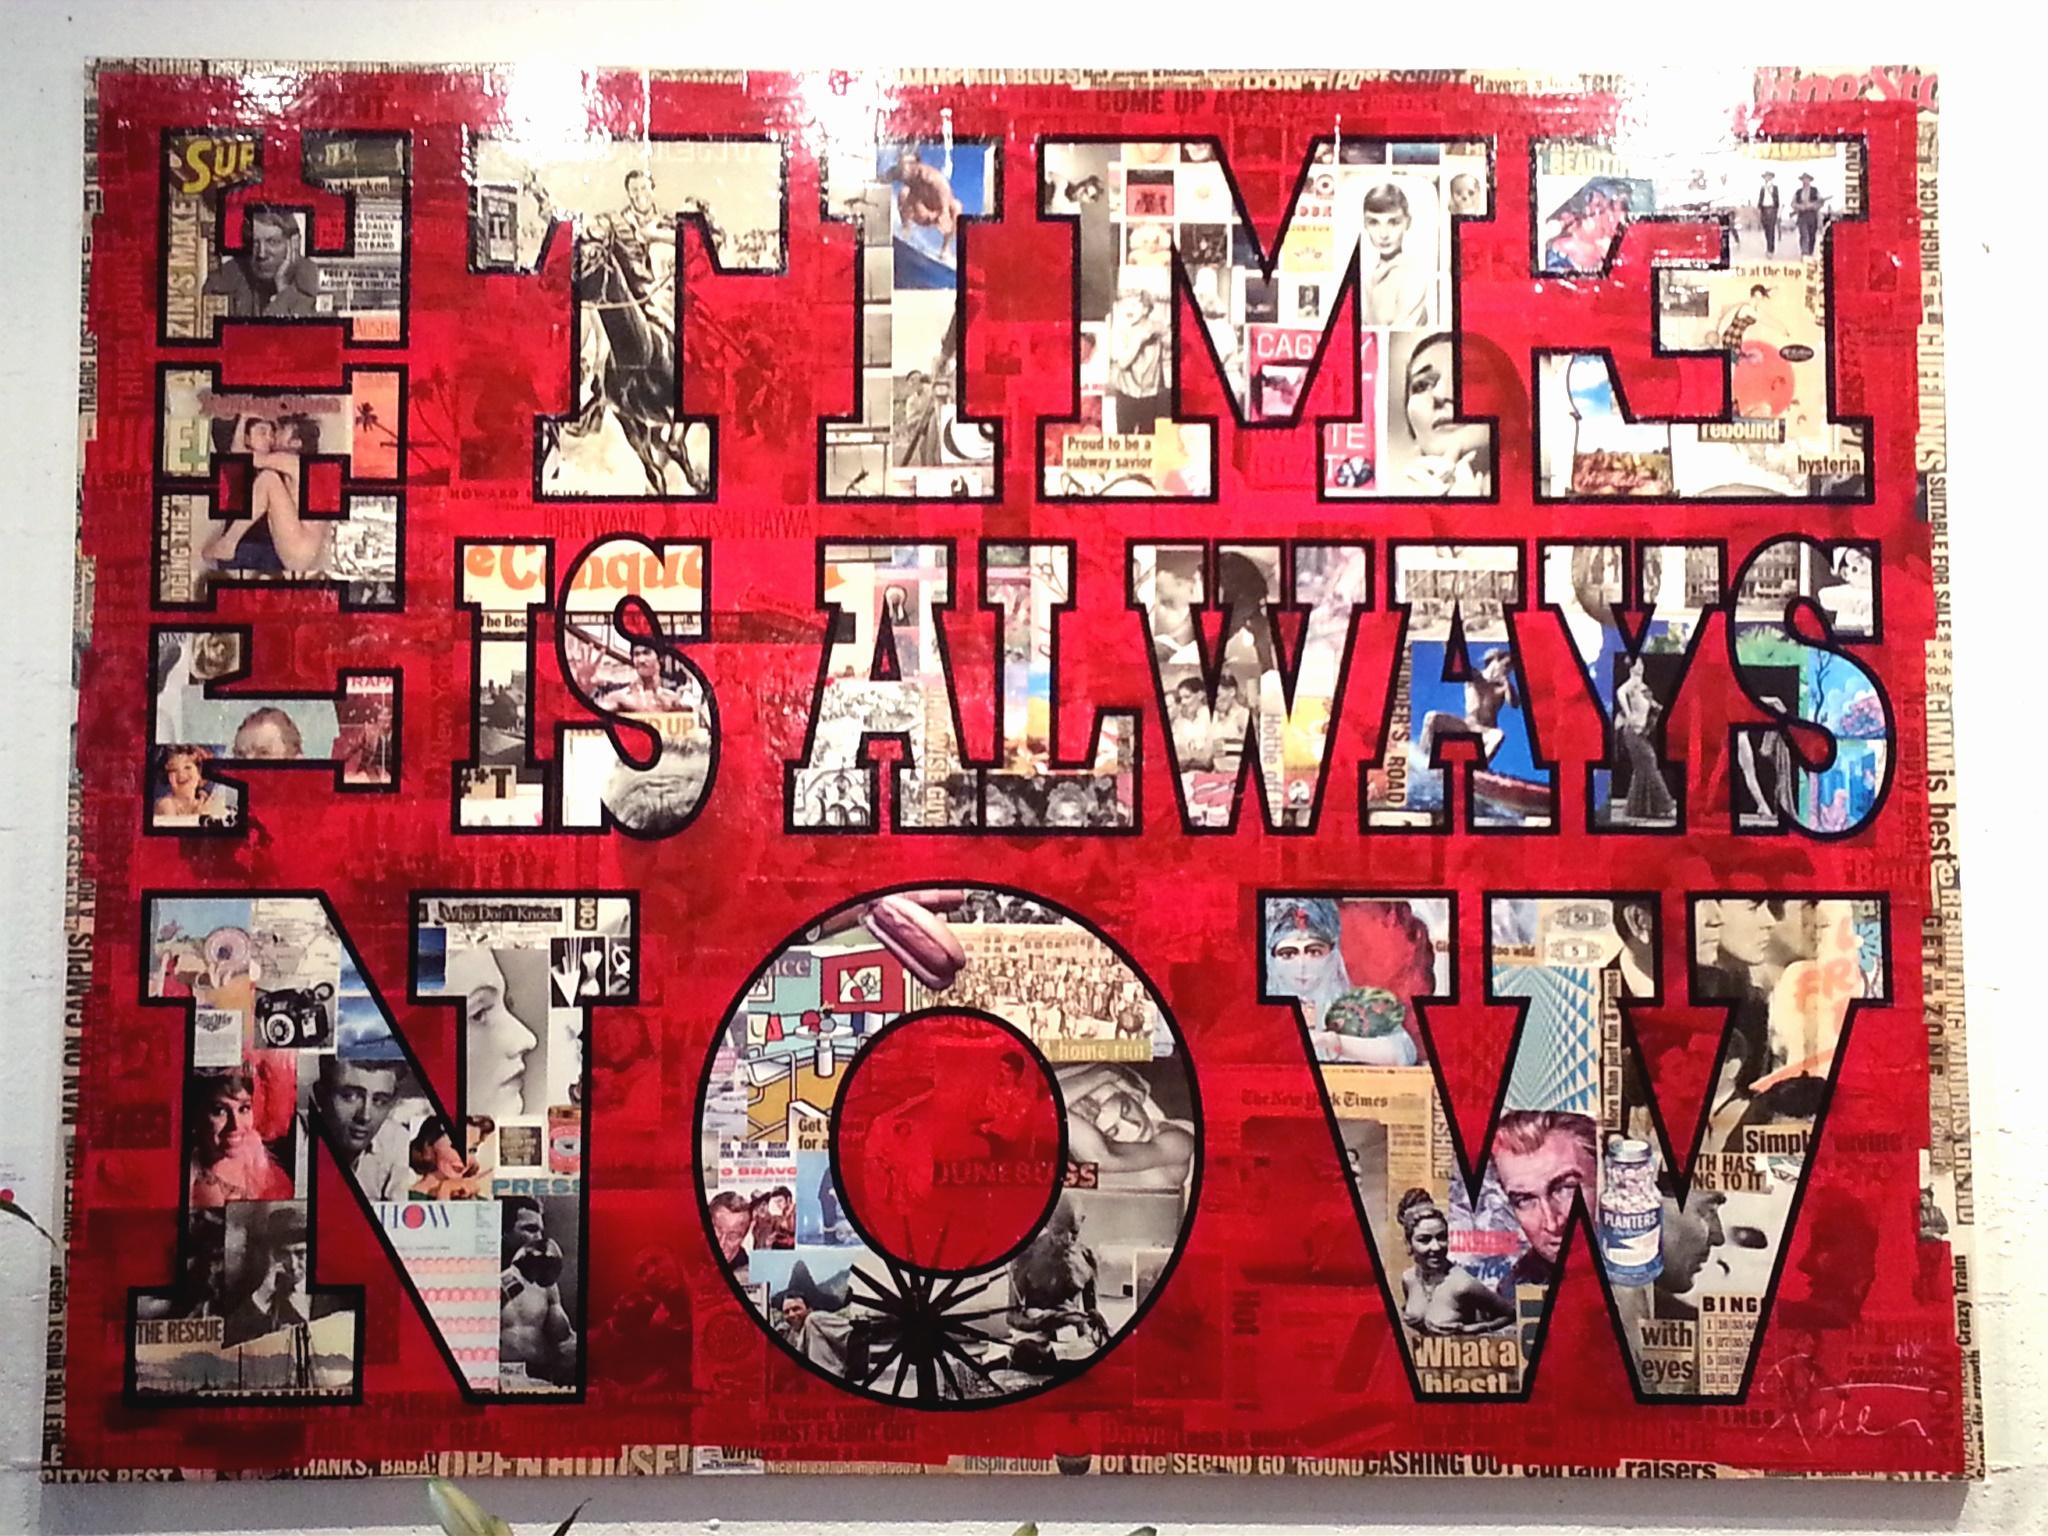 wynwood walls street art miami